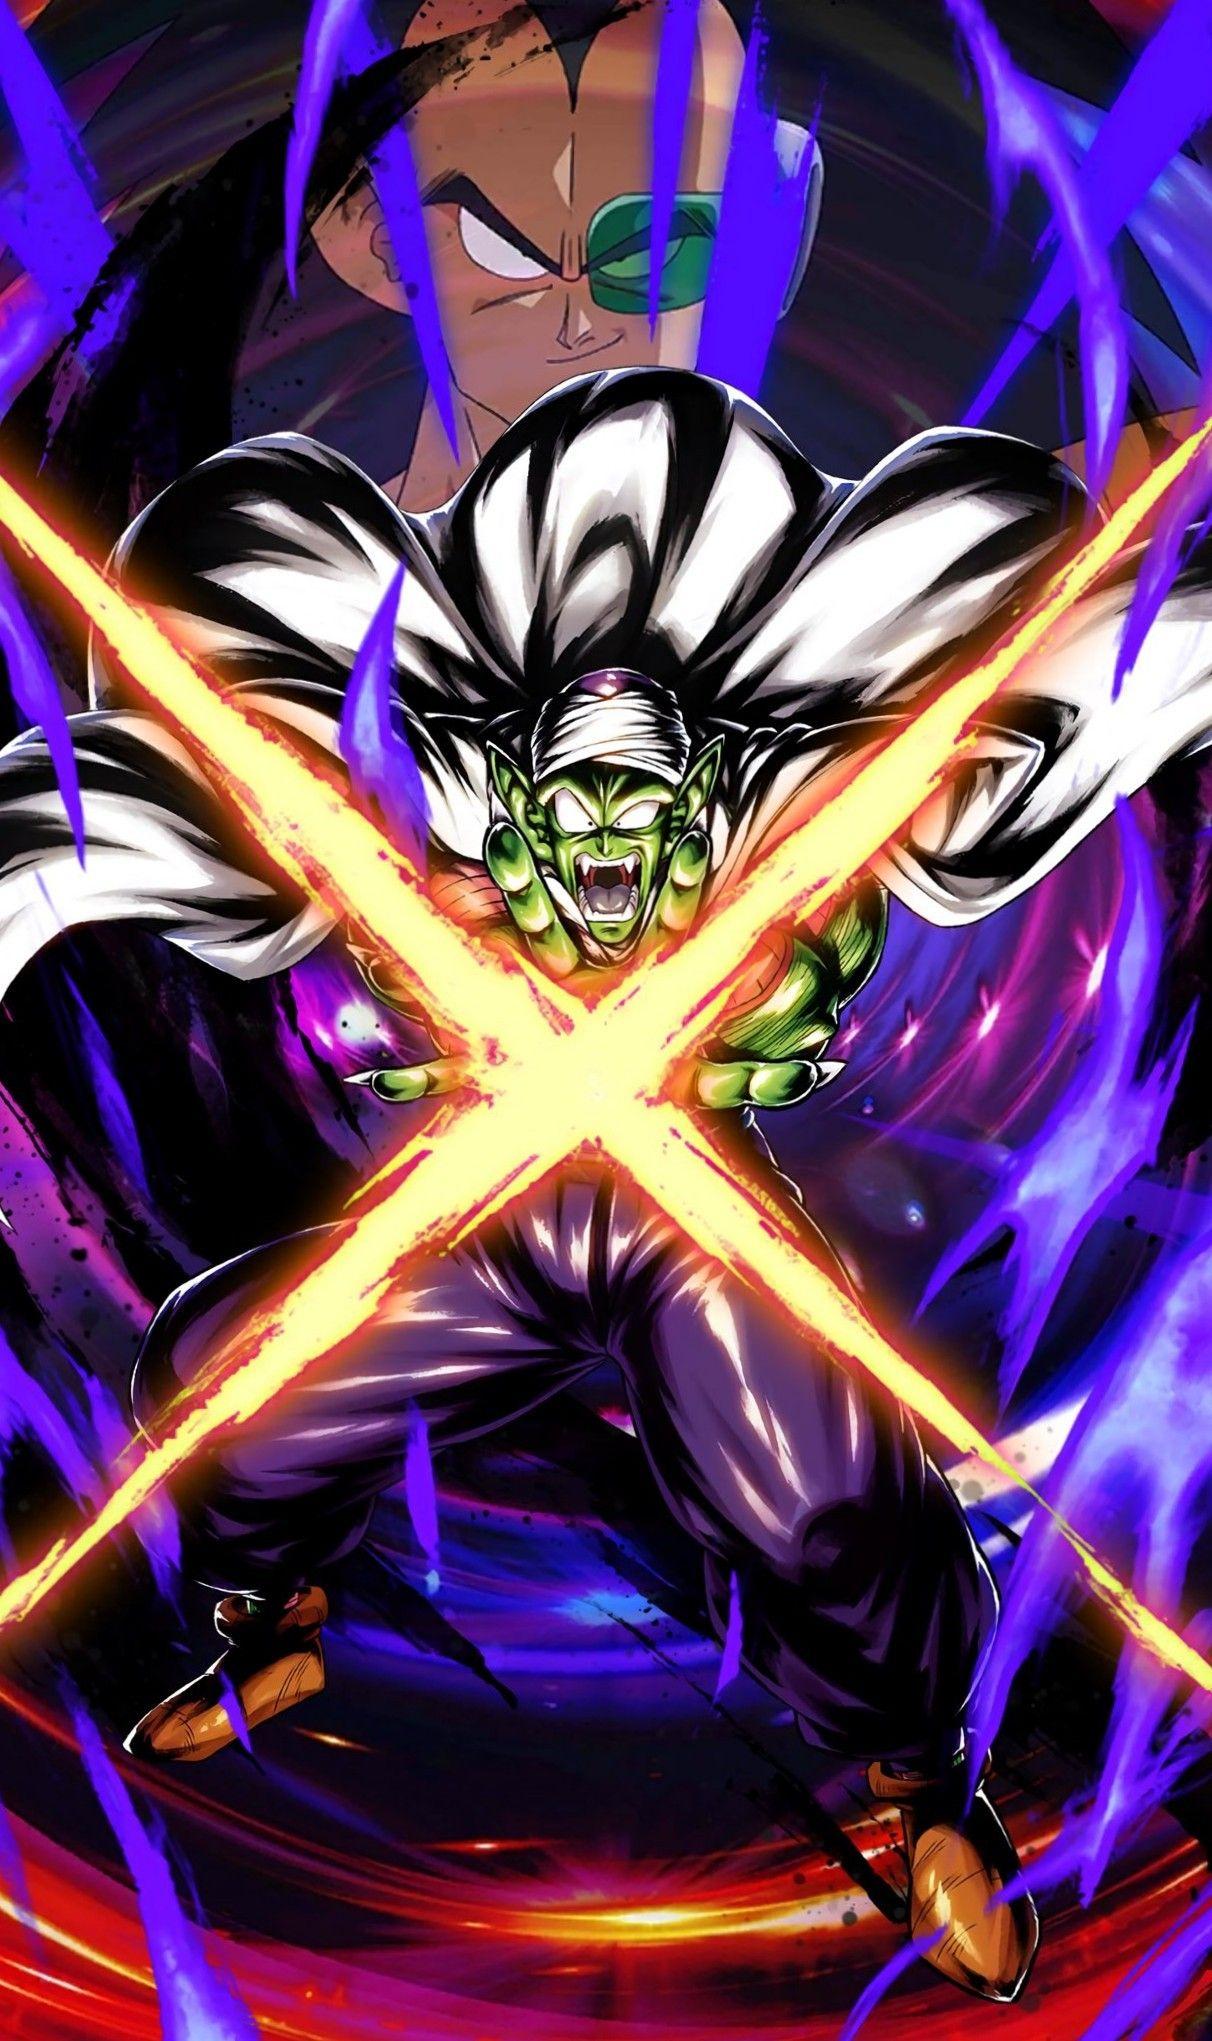 Lf Piccolo Dragon Ball Legends In 2020 Dragon Ball Artwork Dragon Ball Art Dragon Ball Super Manga